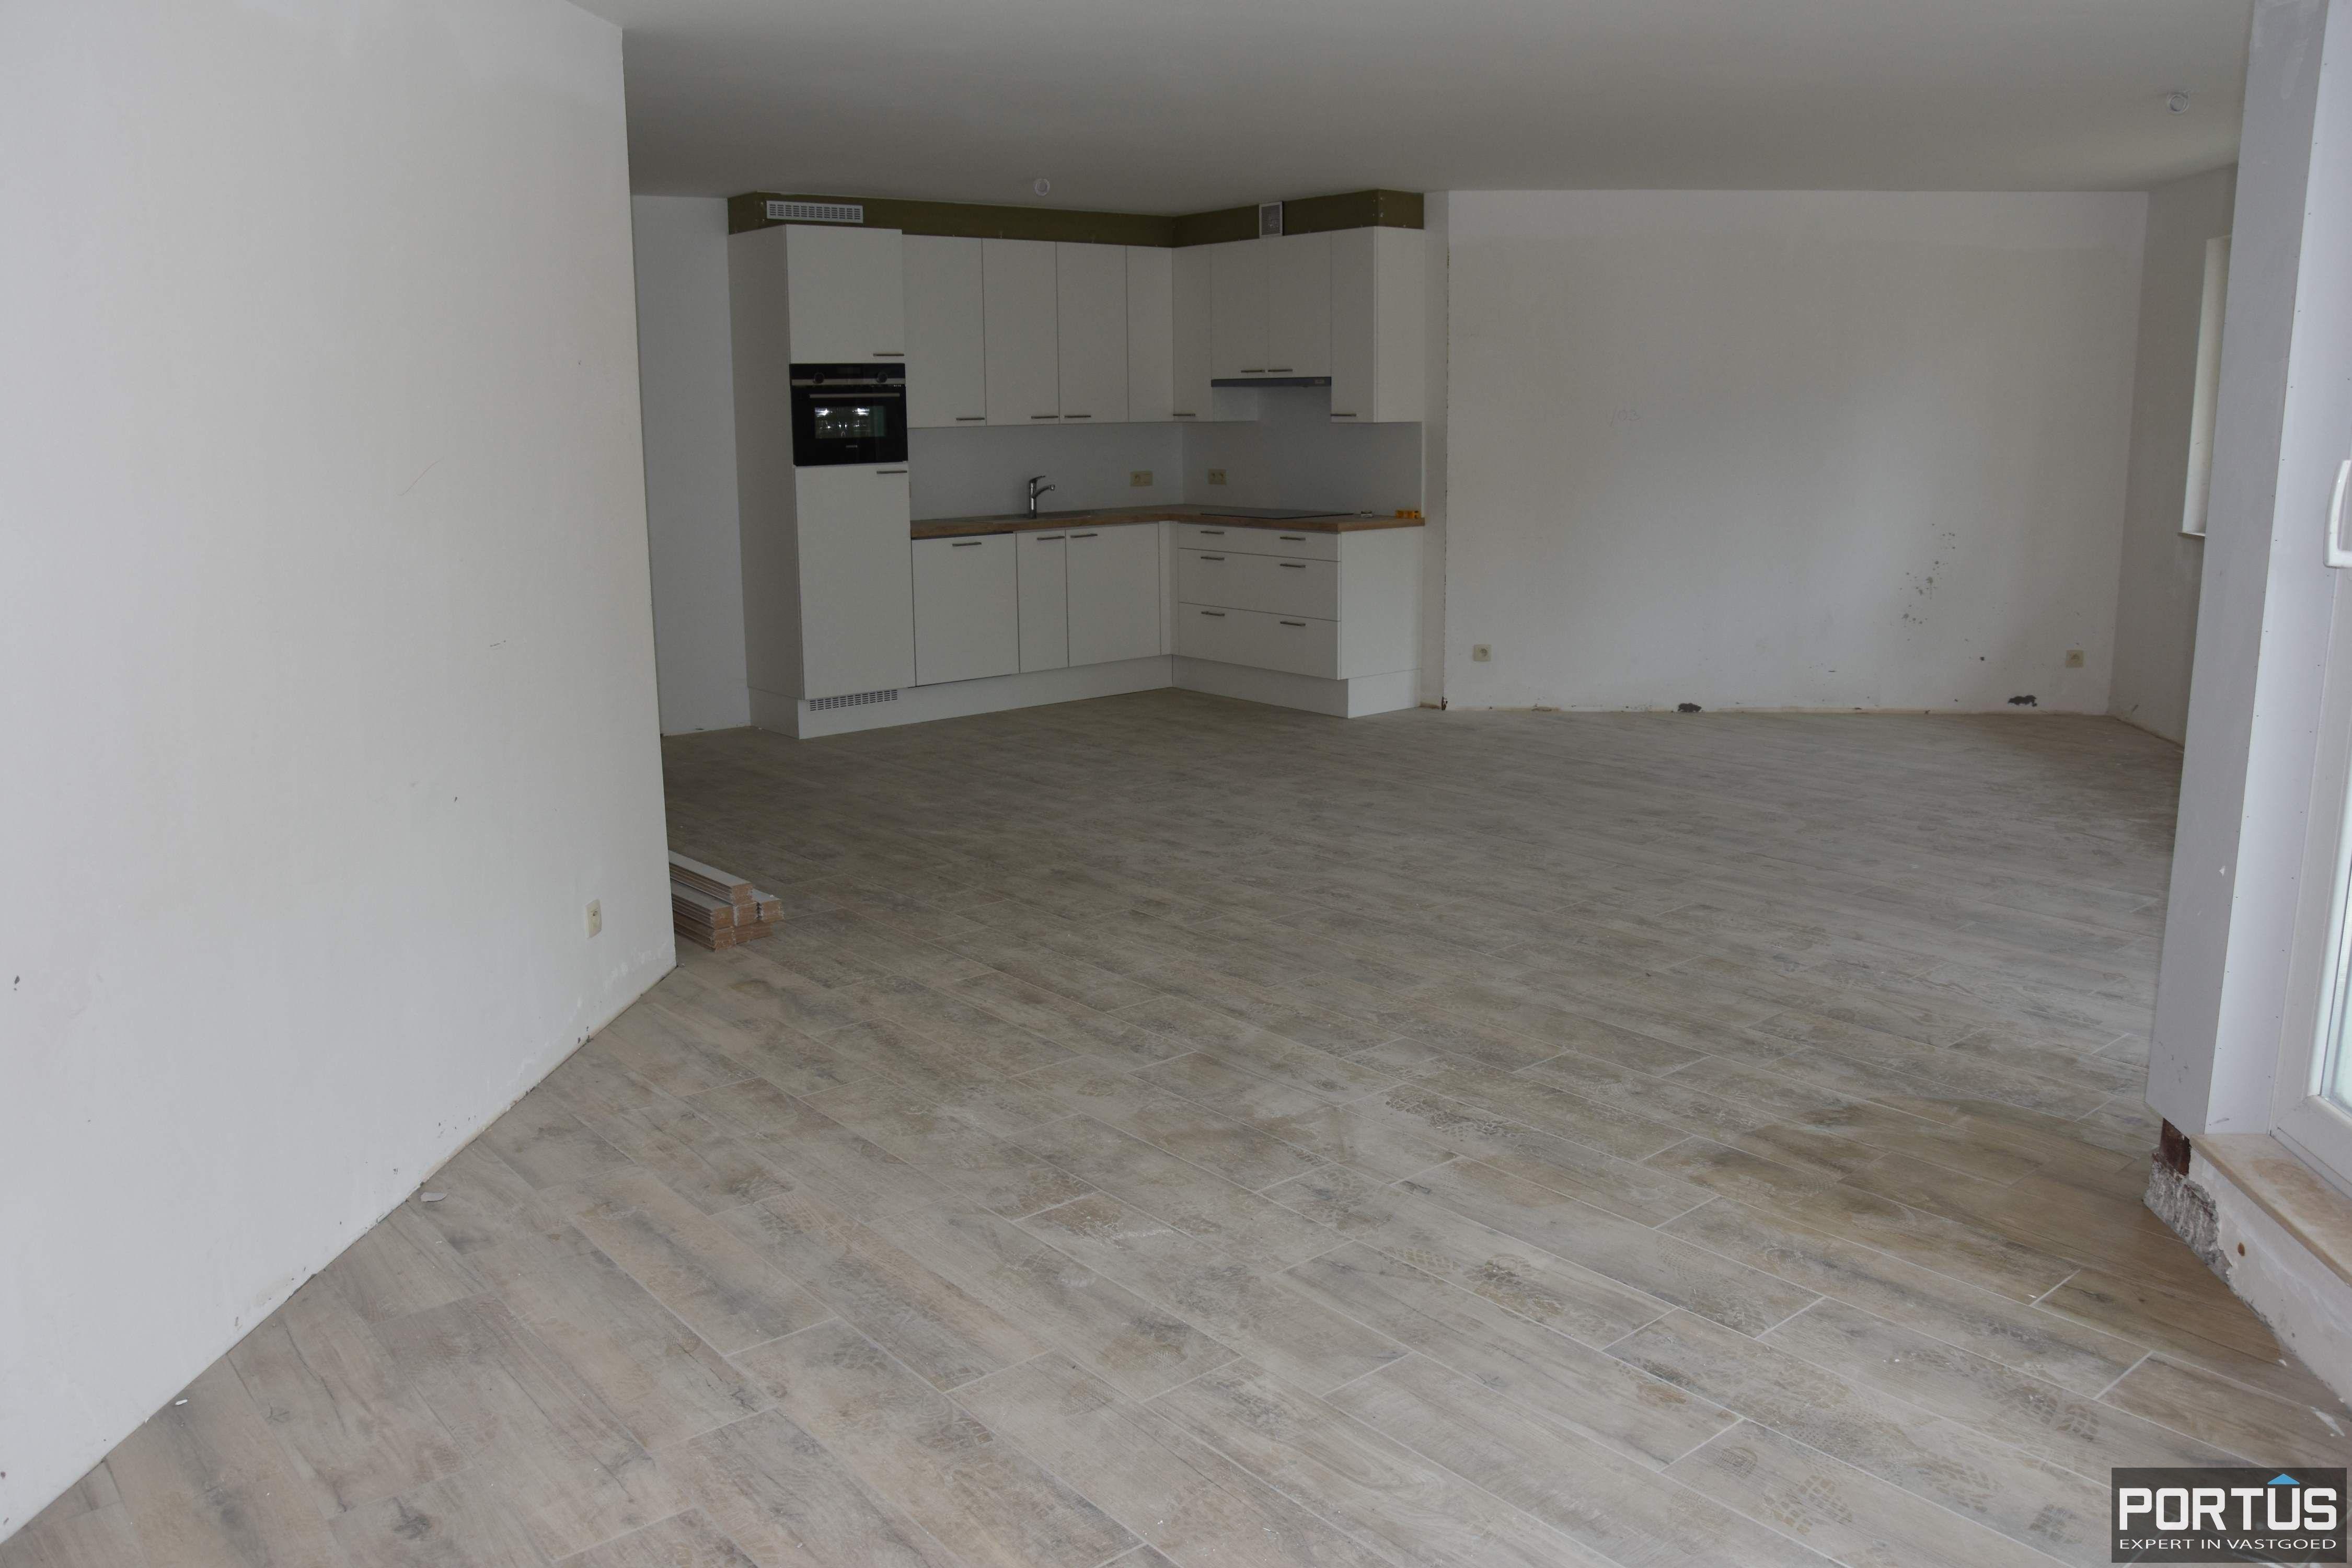 Appartement Residentie Villa Crombez Nieuwpoort - 8350